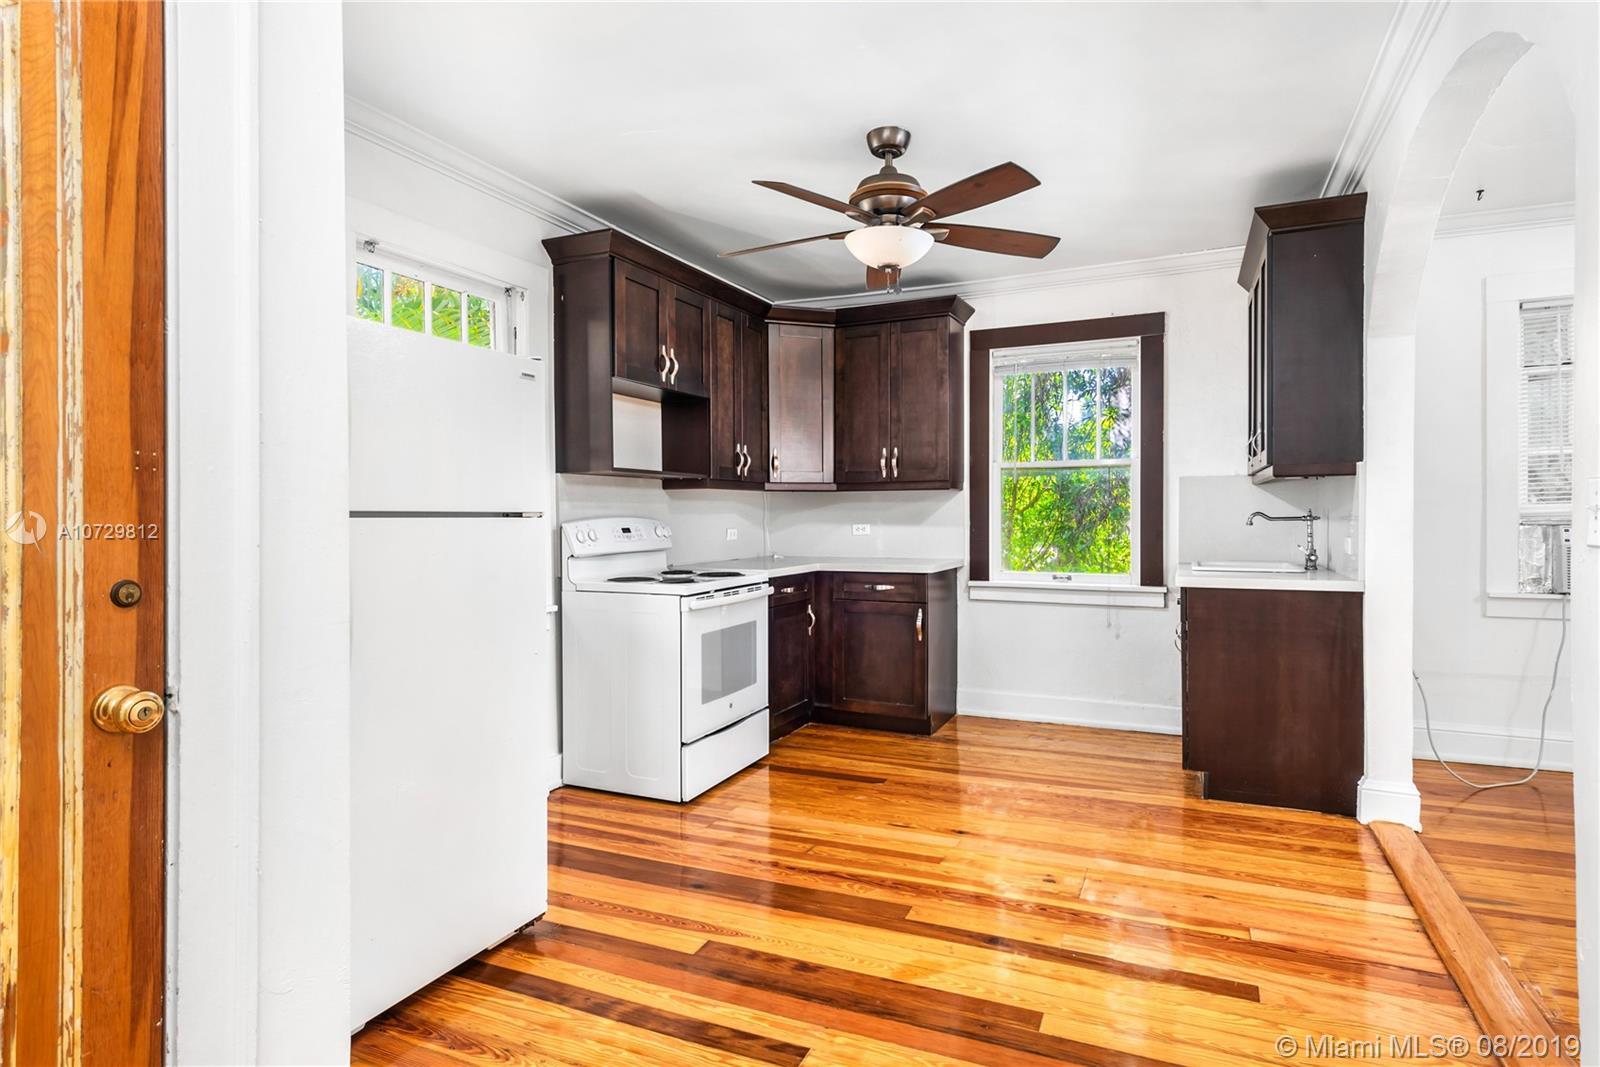 4501  Prairie Ave #8 For Sale A10729812, FL